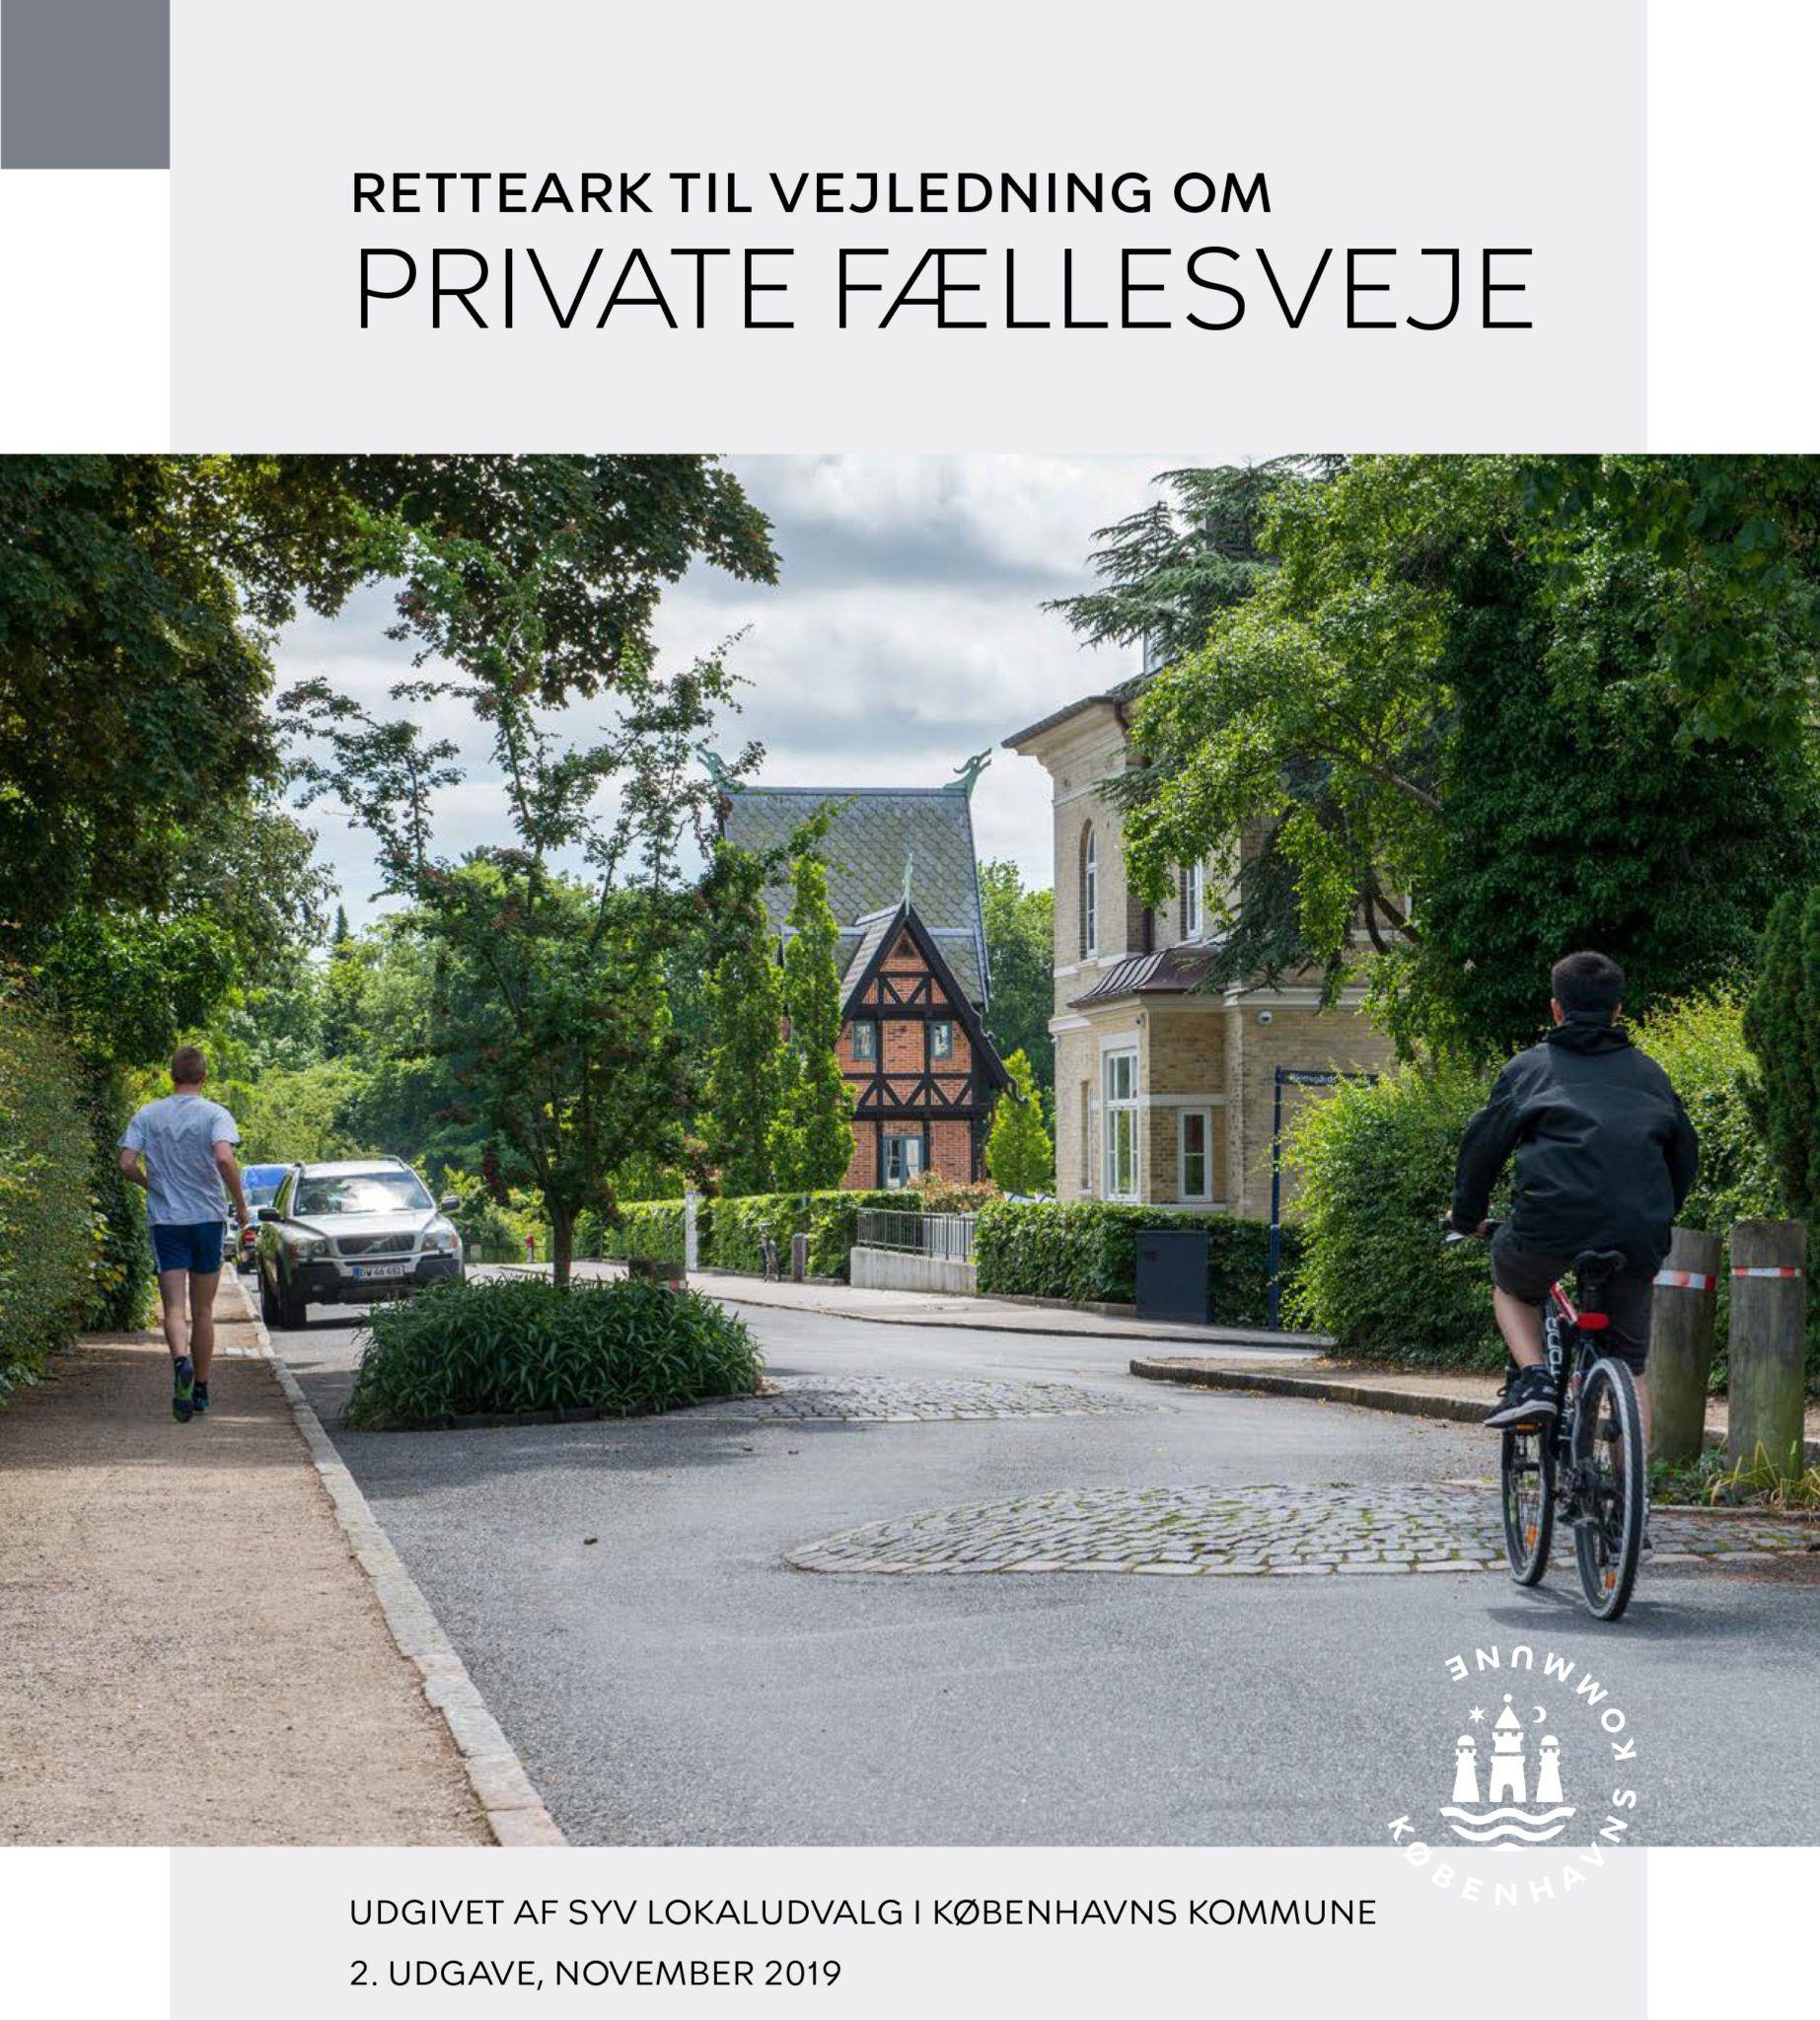 Vejledning til private fællesveje opdateret udgave 2019 Valby Lokaludvalg forside